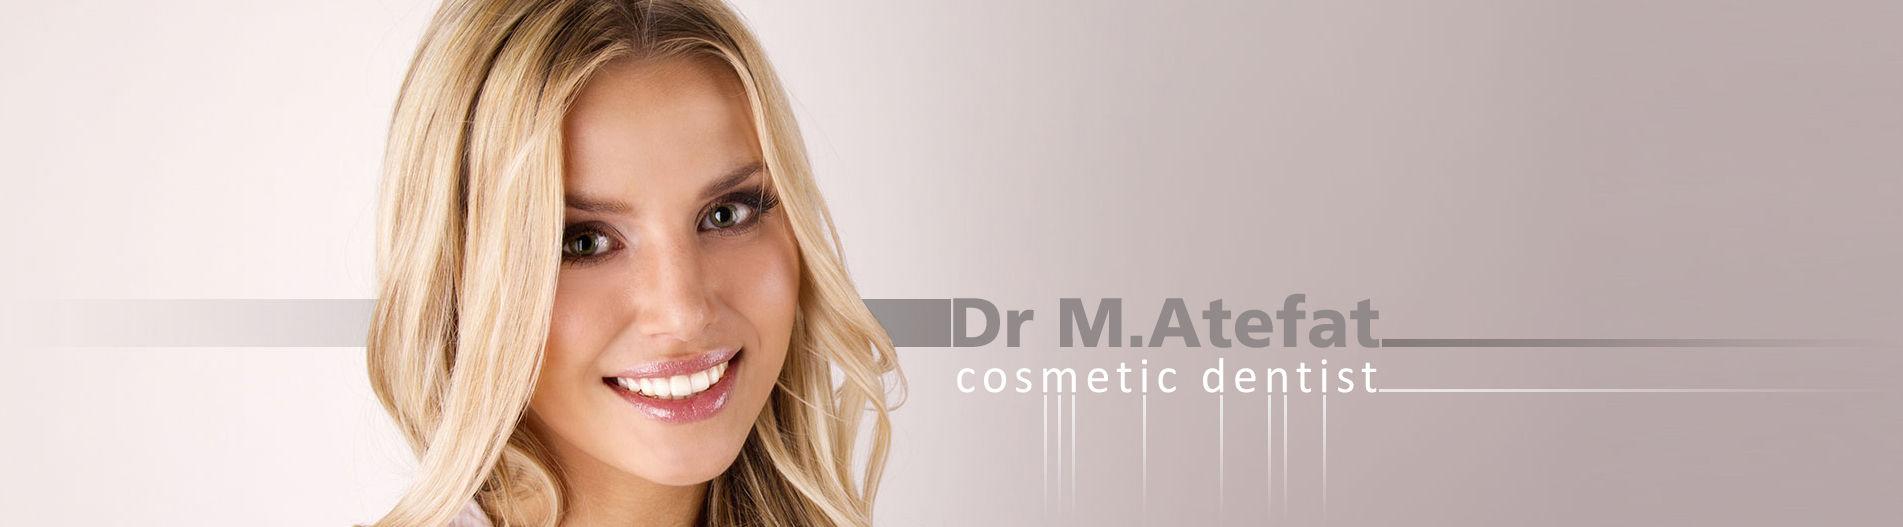 دکتر محمد عاطفت متخصص دندانپزشکی ترمیمی و زیبایی